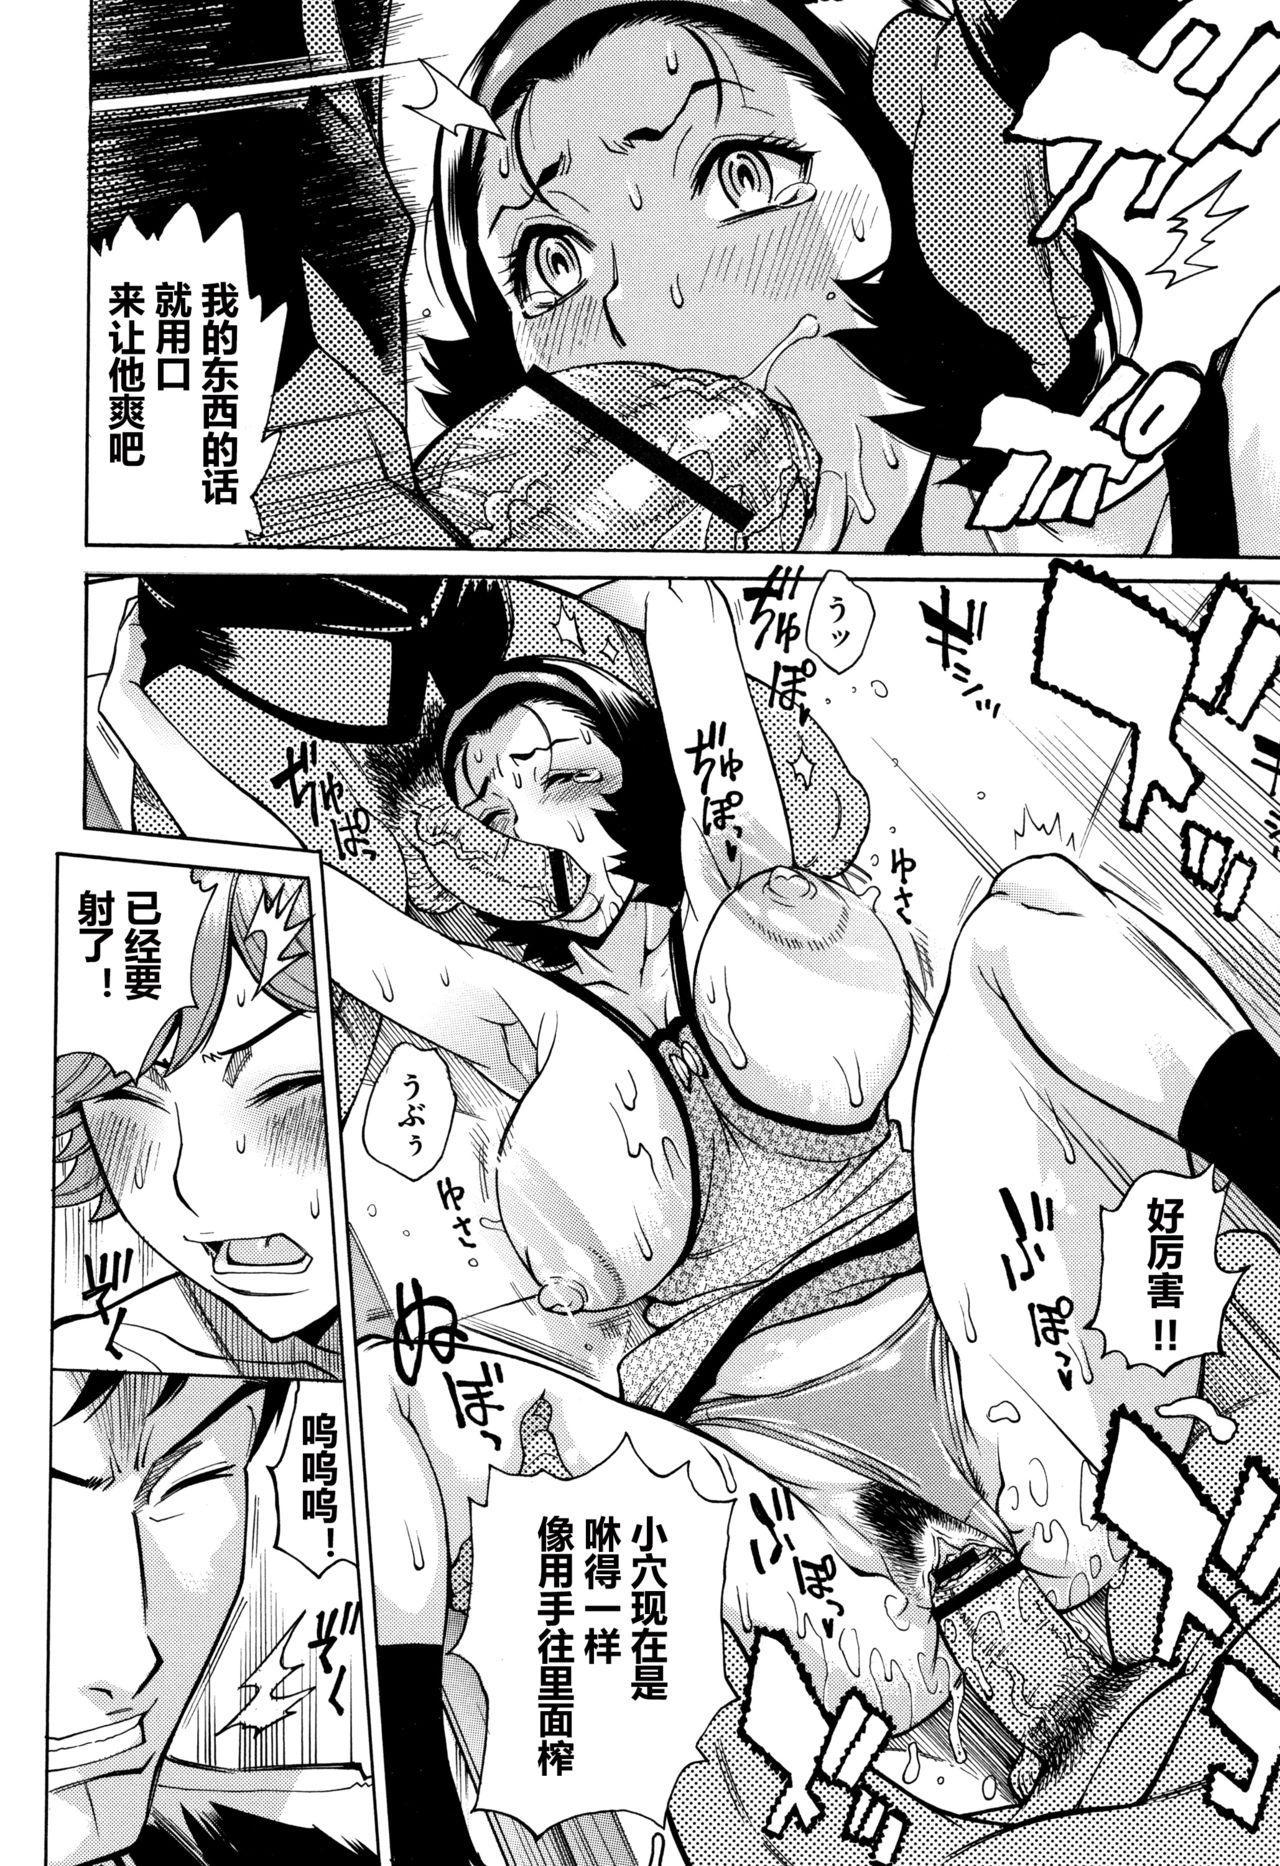 Oba-san dakedo, Daite Hoshii. 114